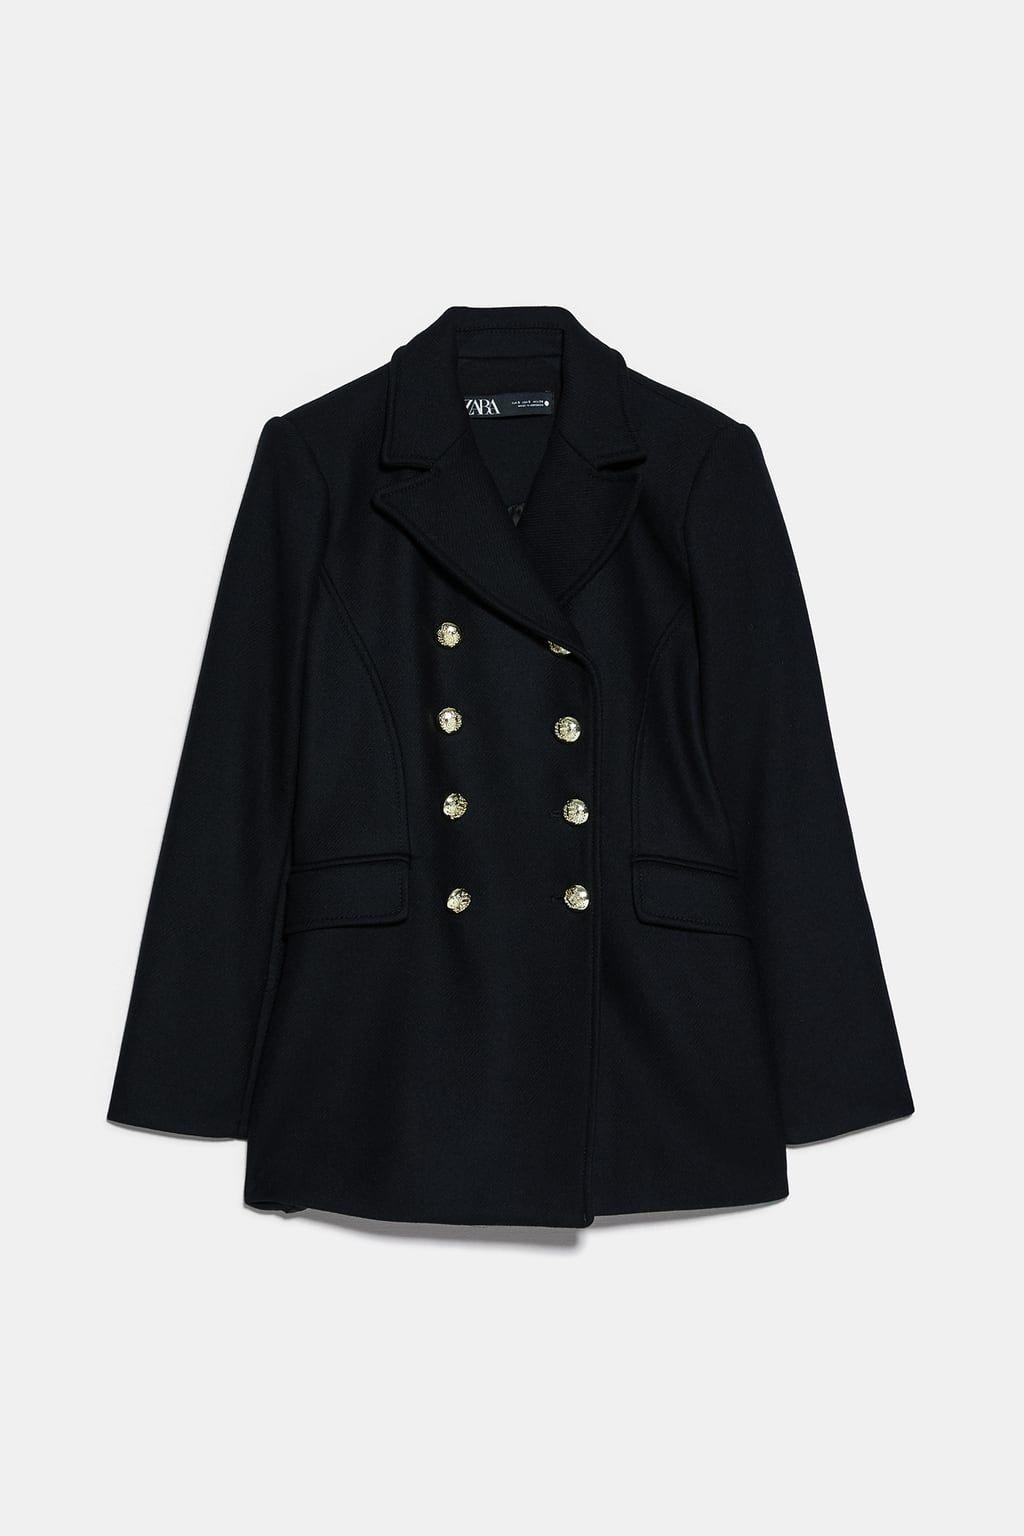 Cappotto moda 2019: il cappotto corto di Zara a meno di 100